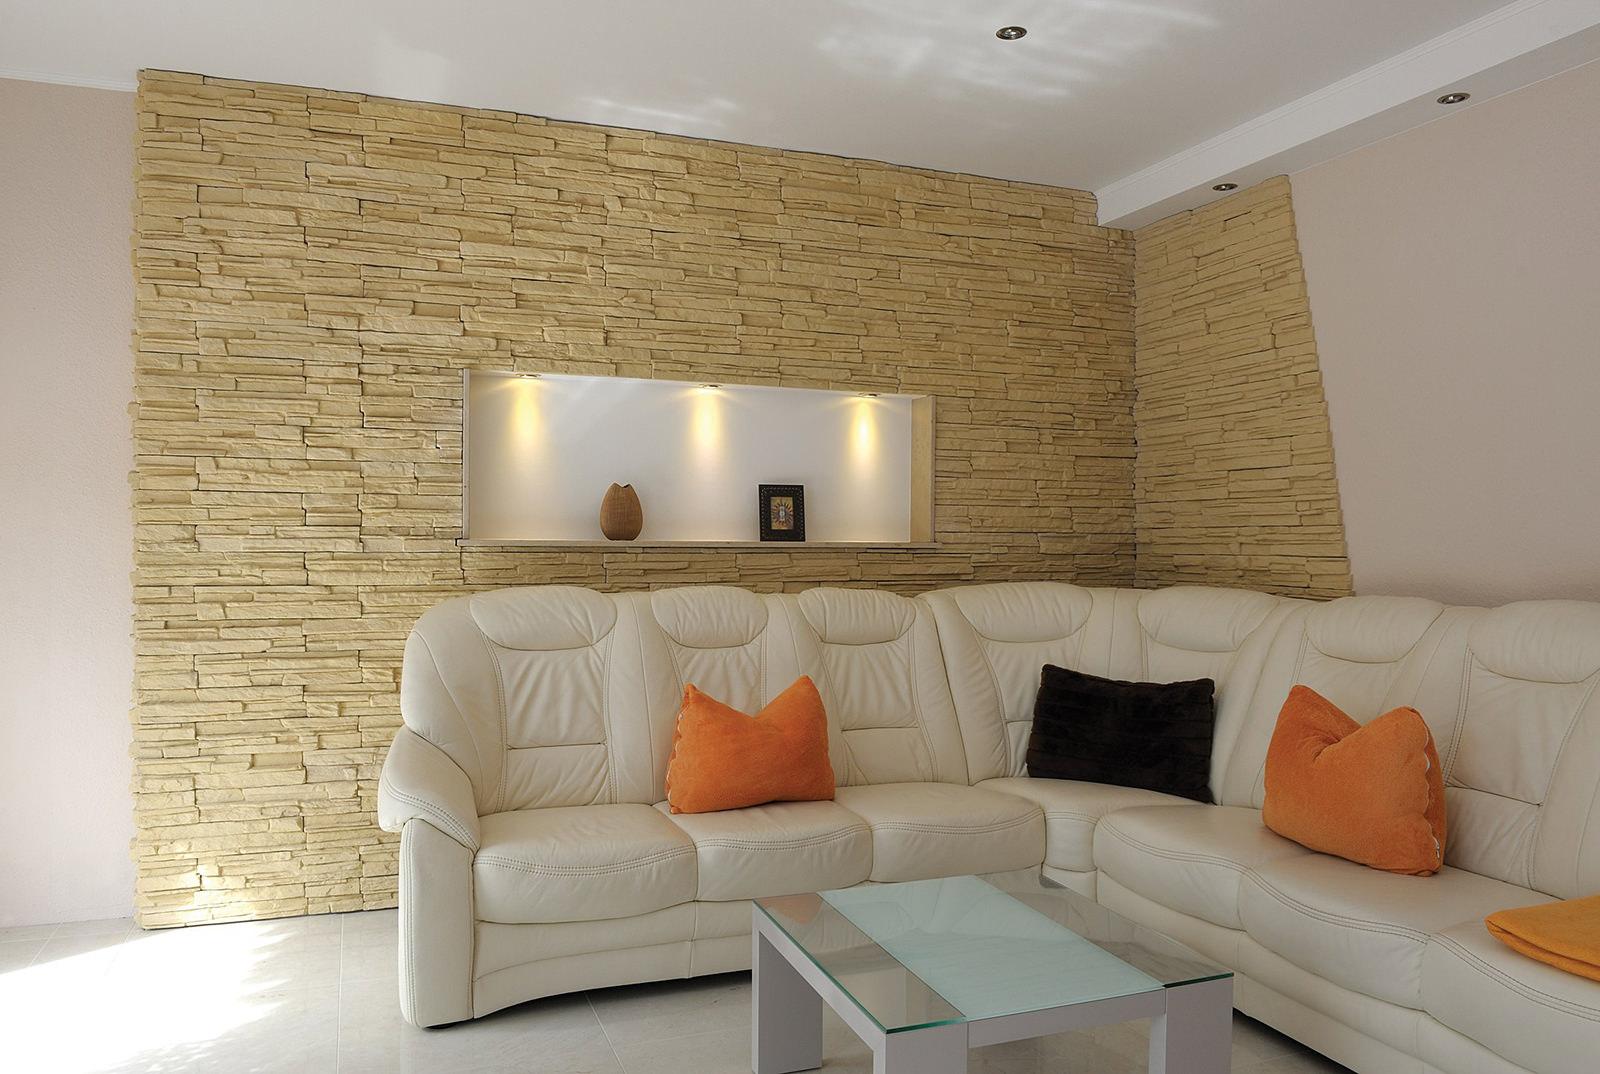 фото декоративного камня в гостиной образом